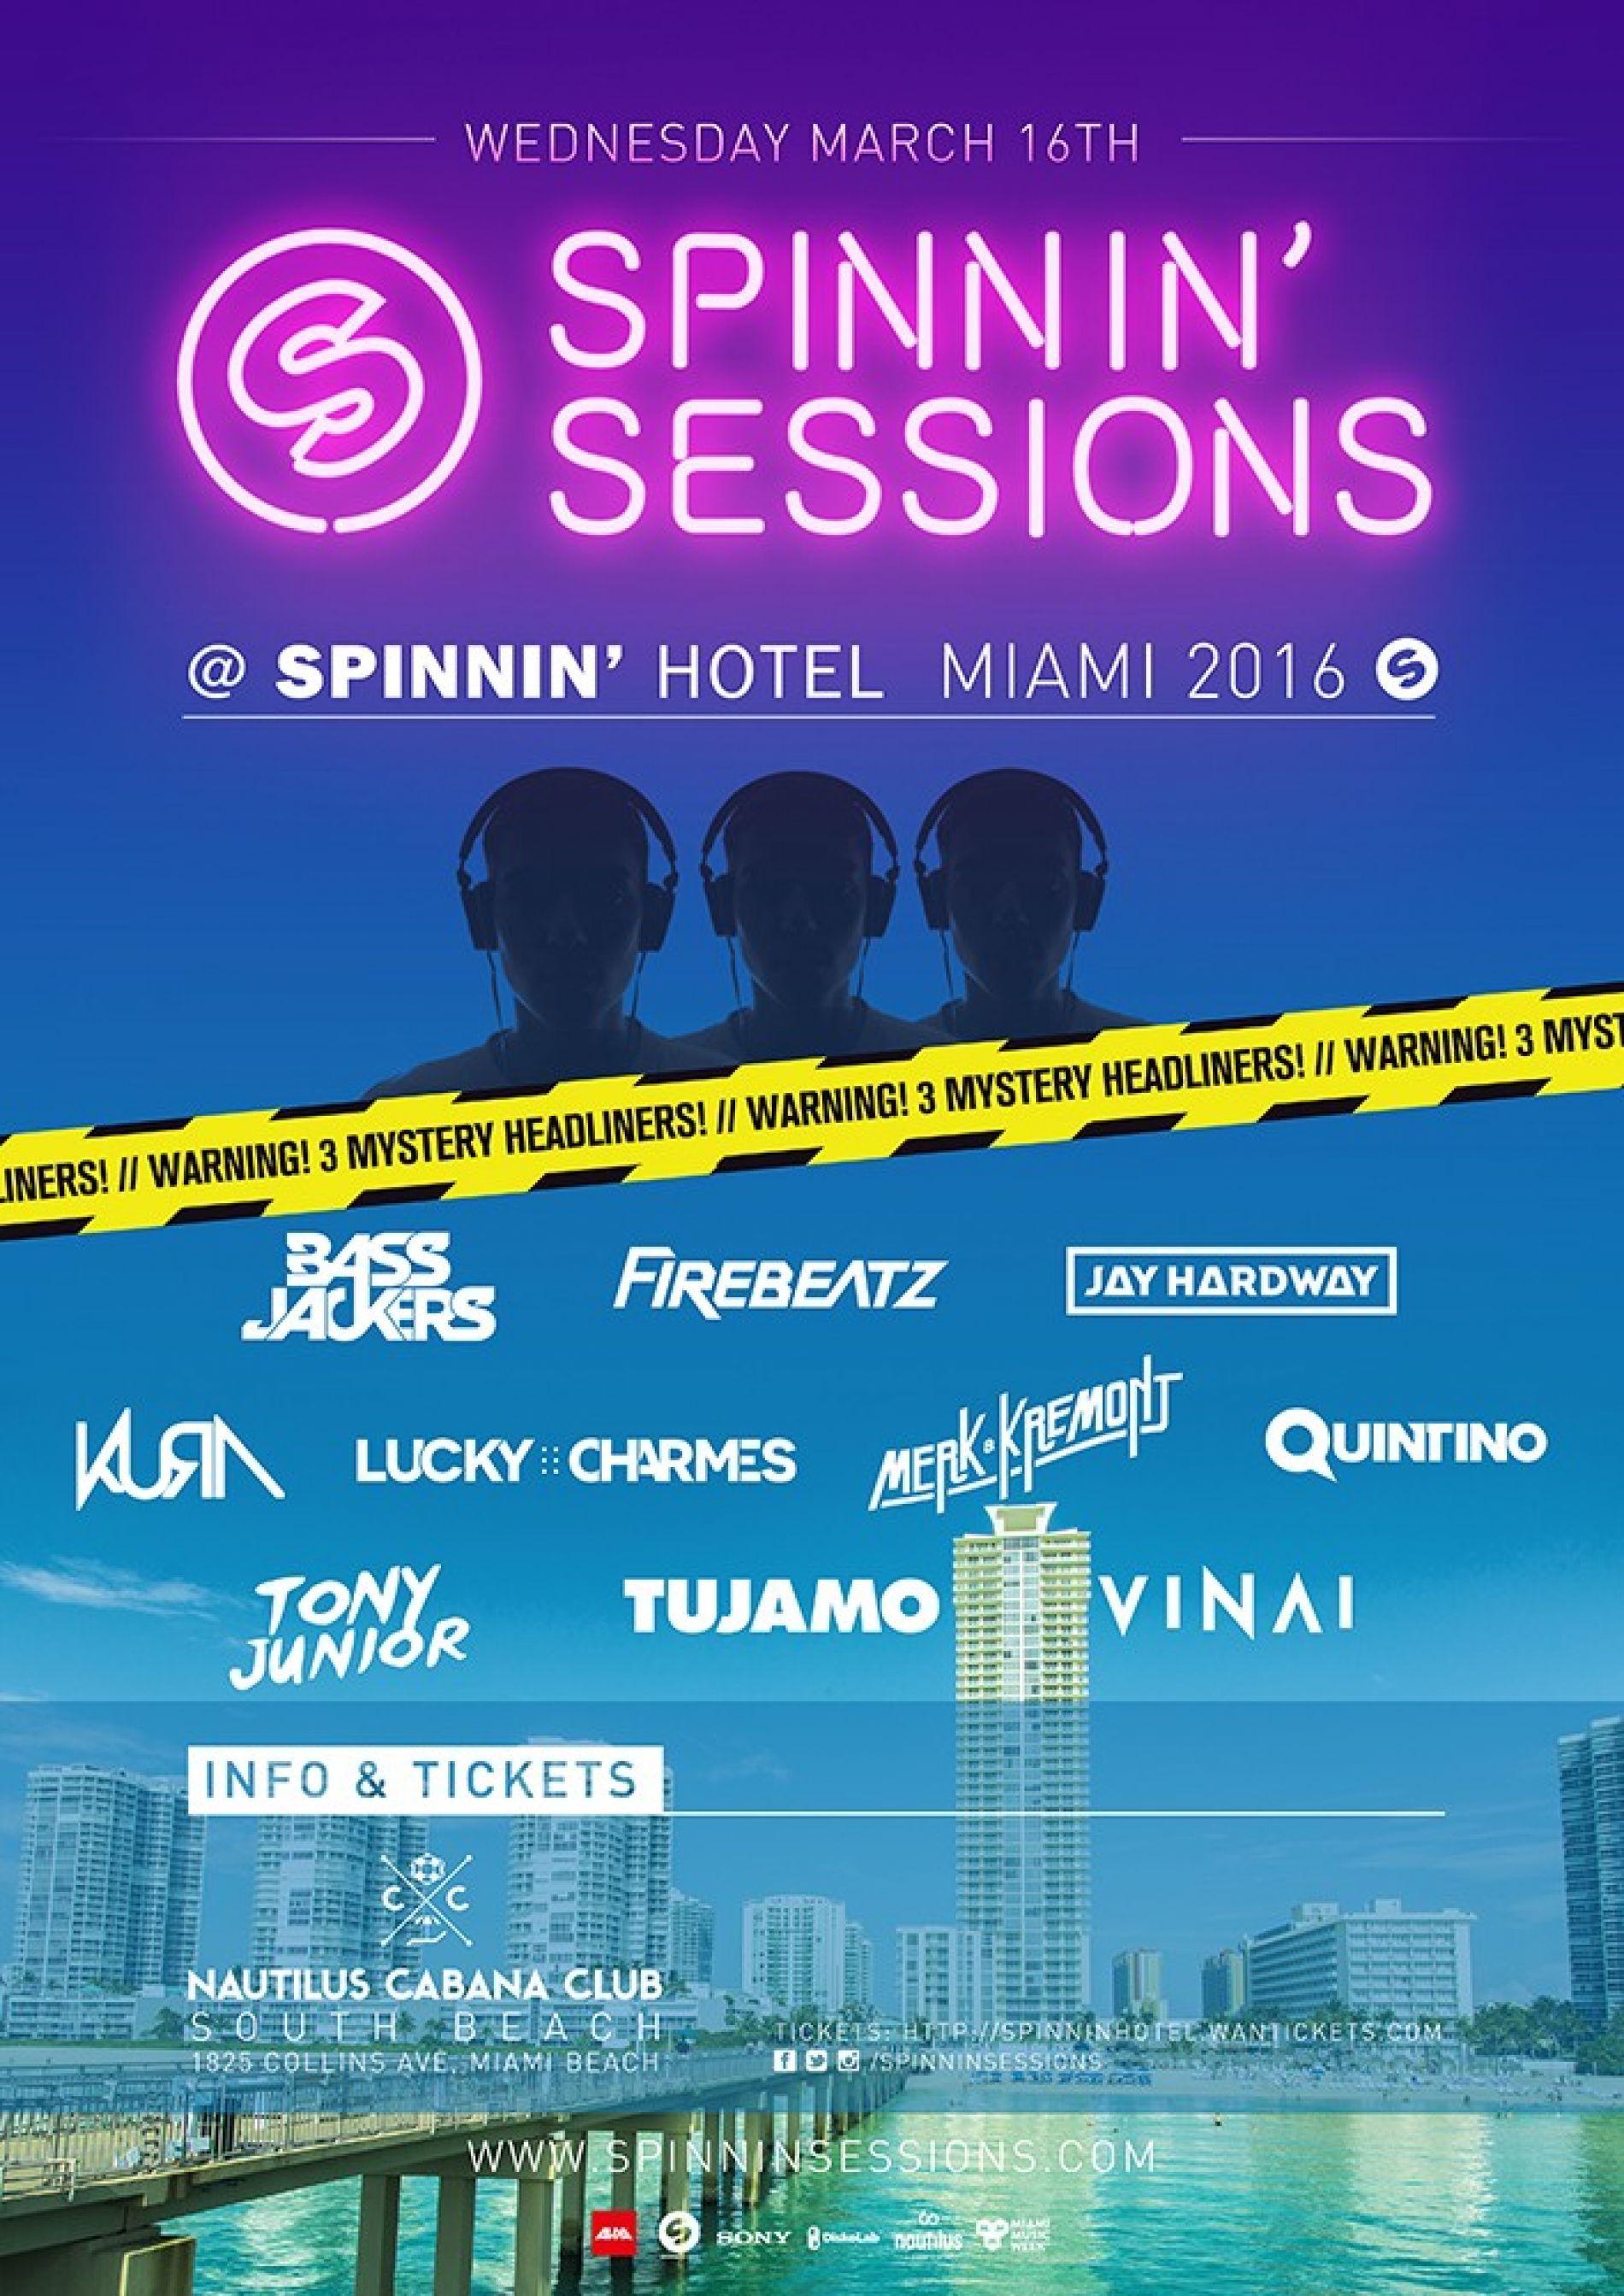 Spinnin' Sessions Spinnin' Hotel Miami 2016